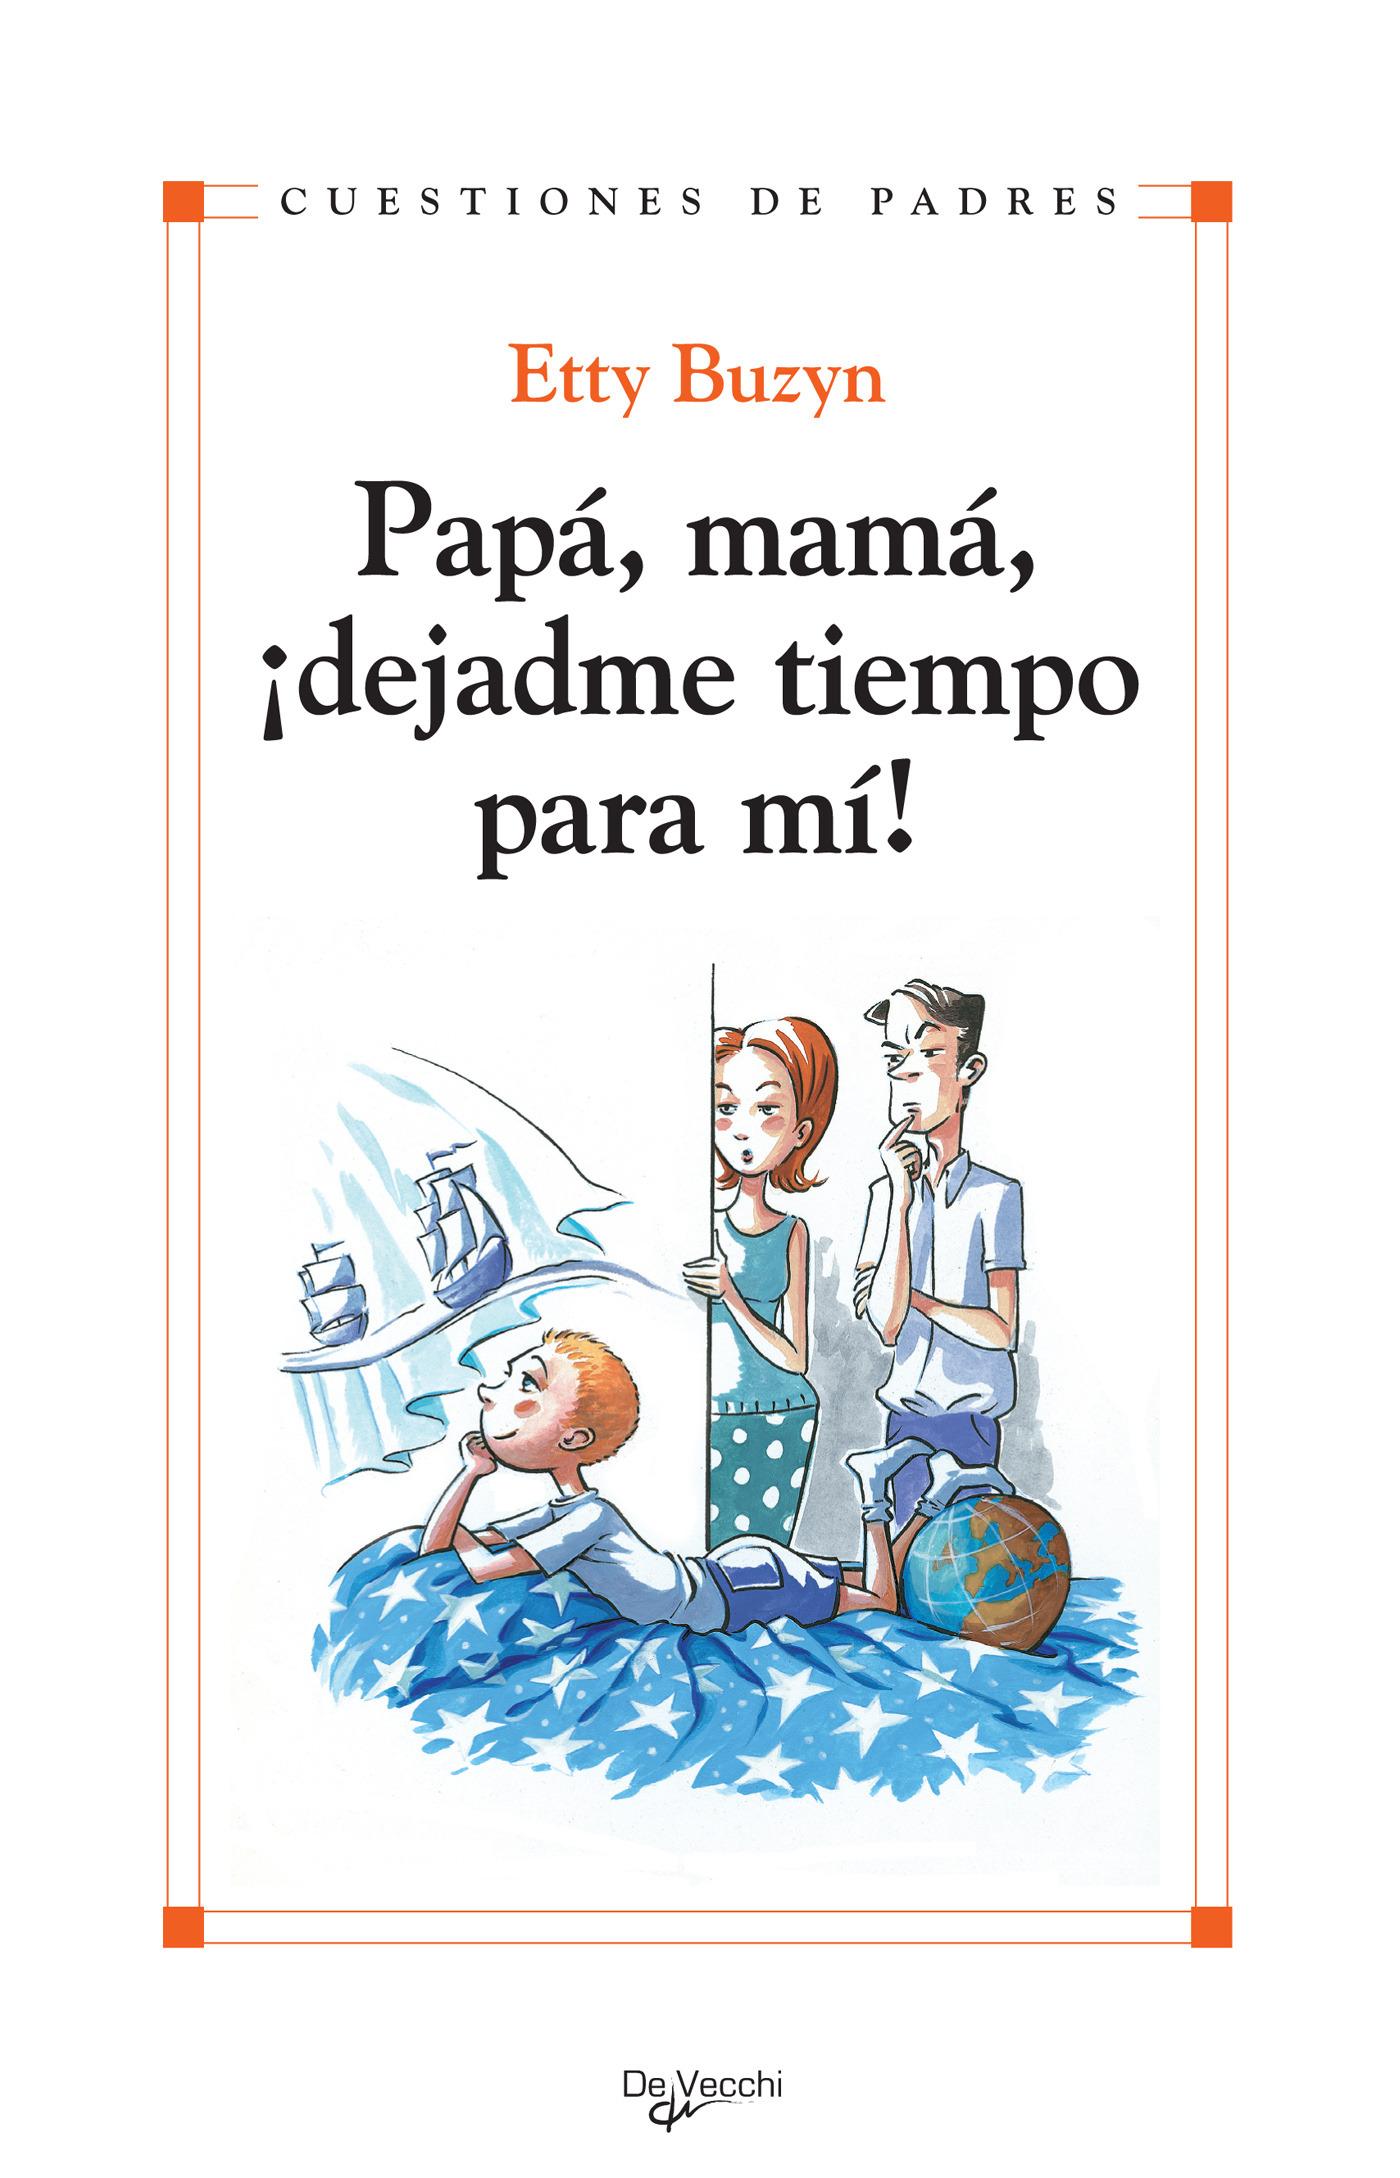 Buzyn, Etty - Papá, mamá, ¡dejadme tiempo para mi!, ebook